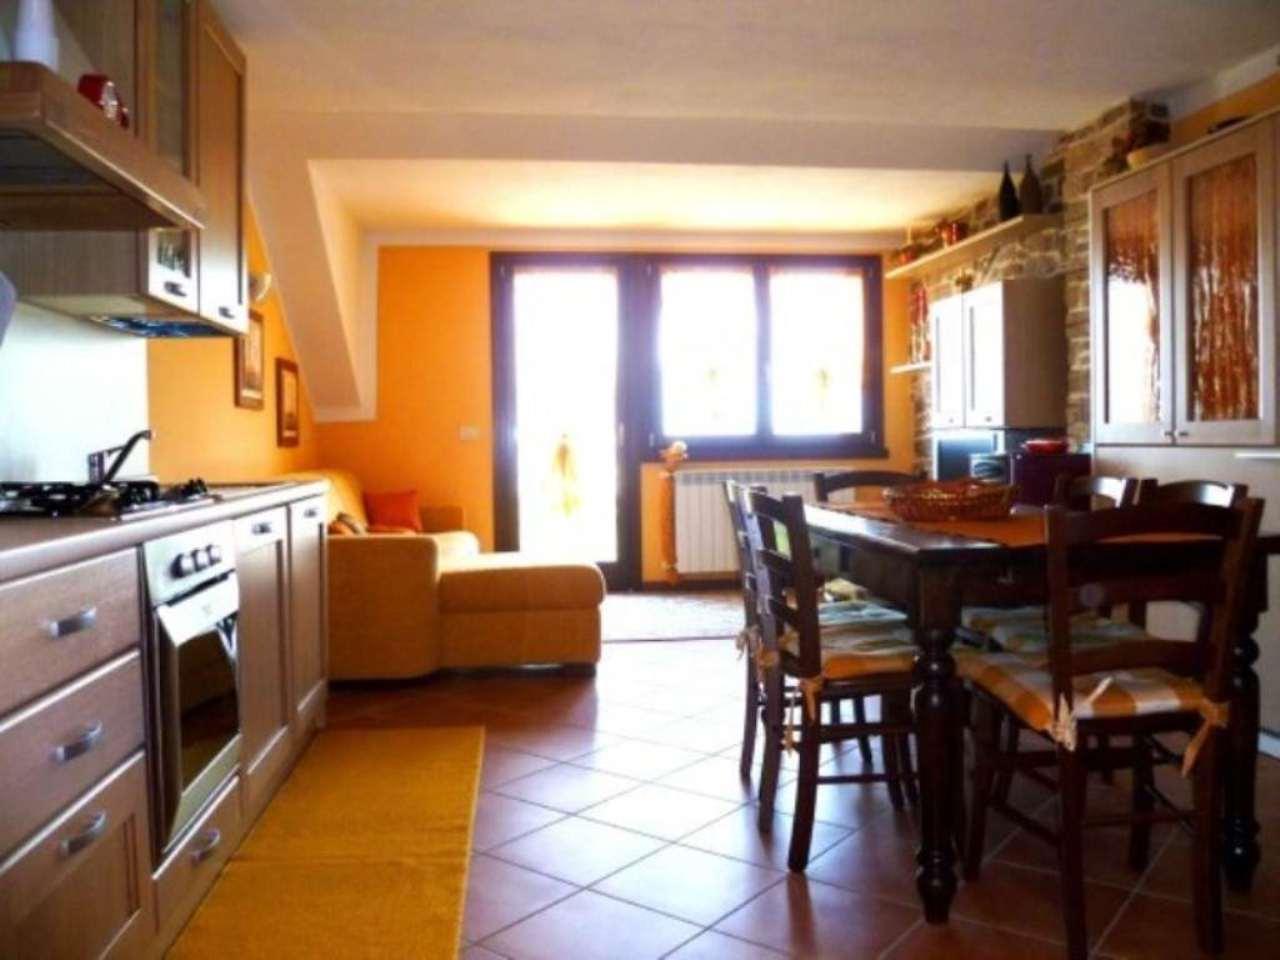 Appartamento in vendita a Artogne, 2 locali, prezzo € 180.000 | CambioCasa.it